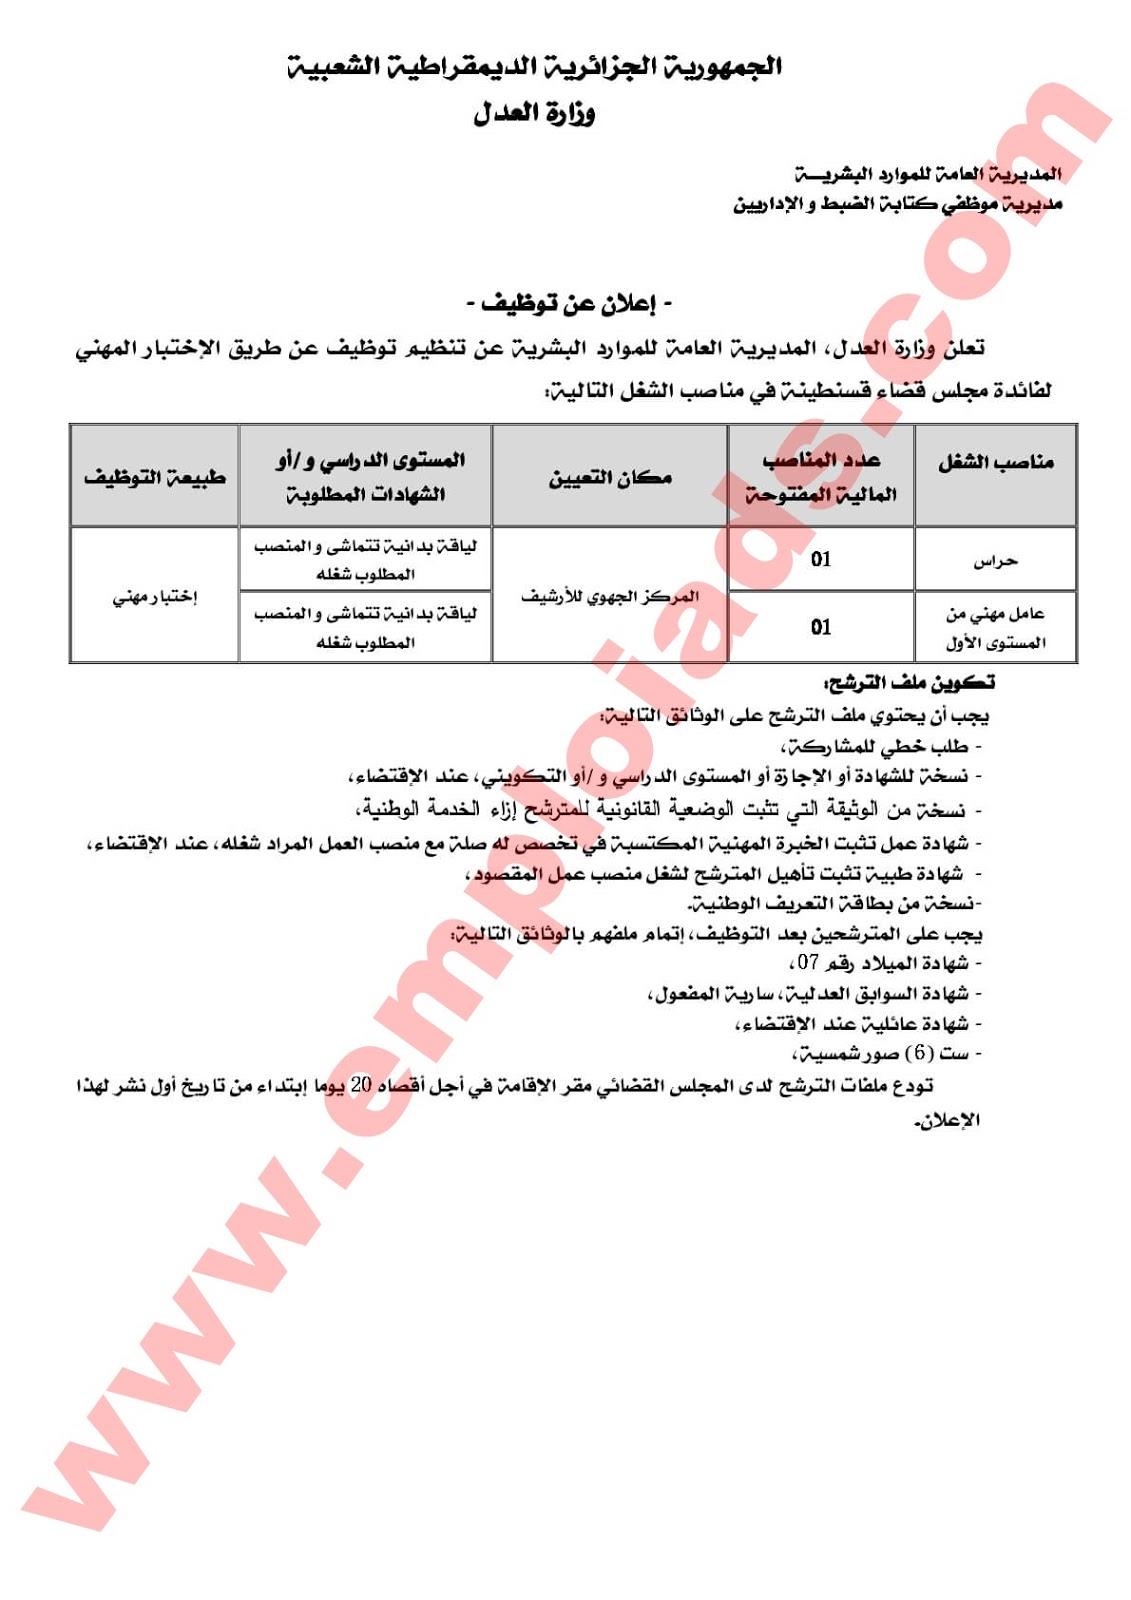 اعلان عن توظيف لفائدة مجلس القضاء لولاية قسنطينة جانفي 2017